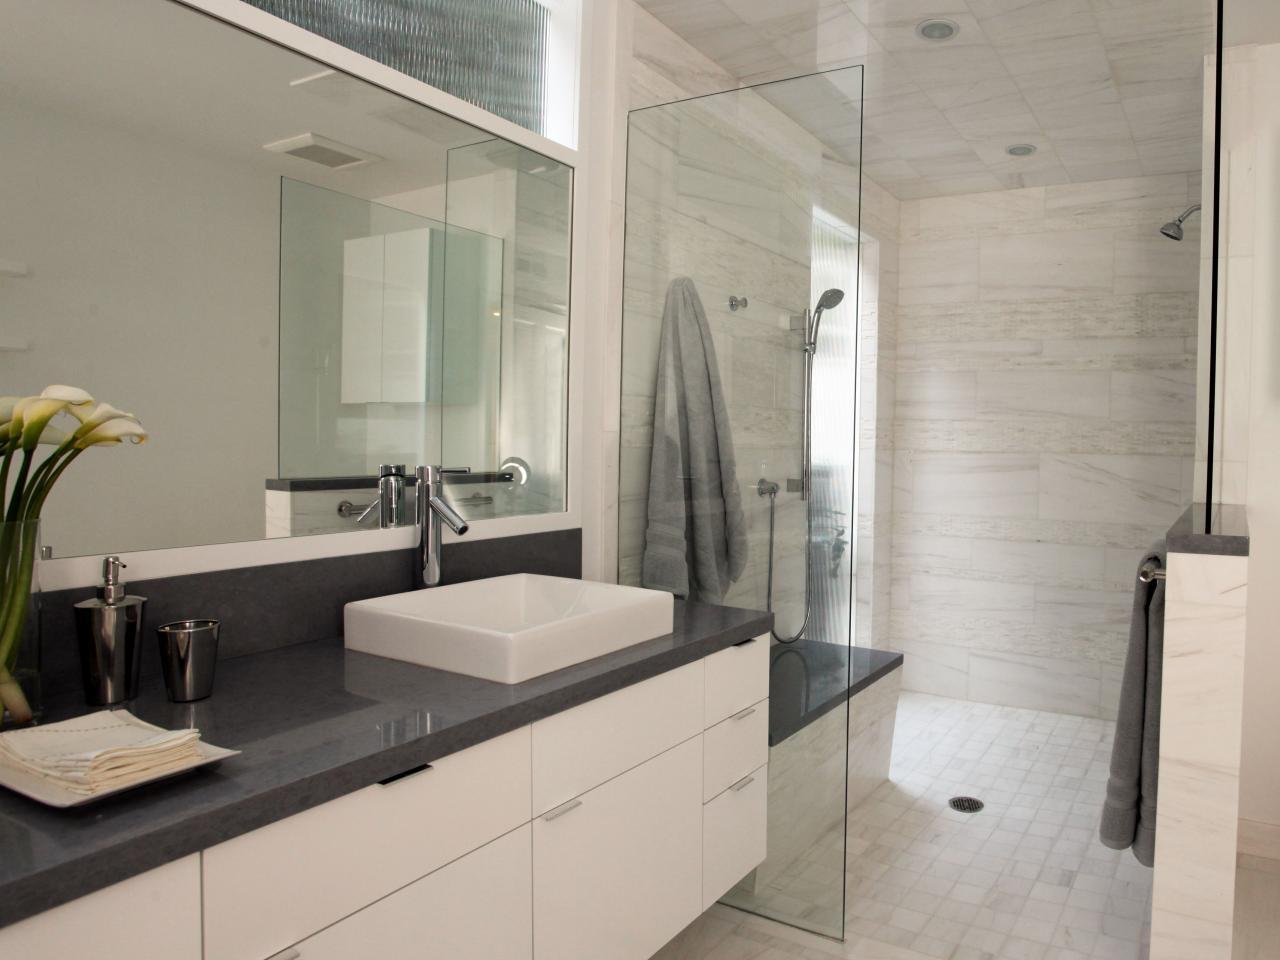 ванная комната с душевой кабиной в частном доме дизайн фото 6